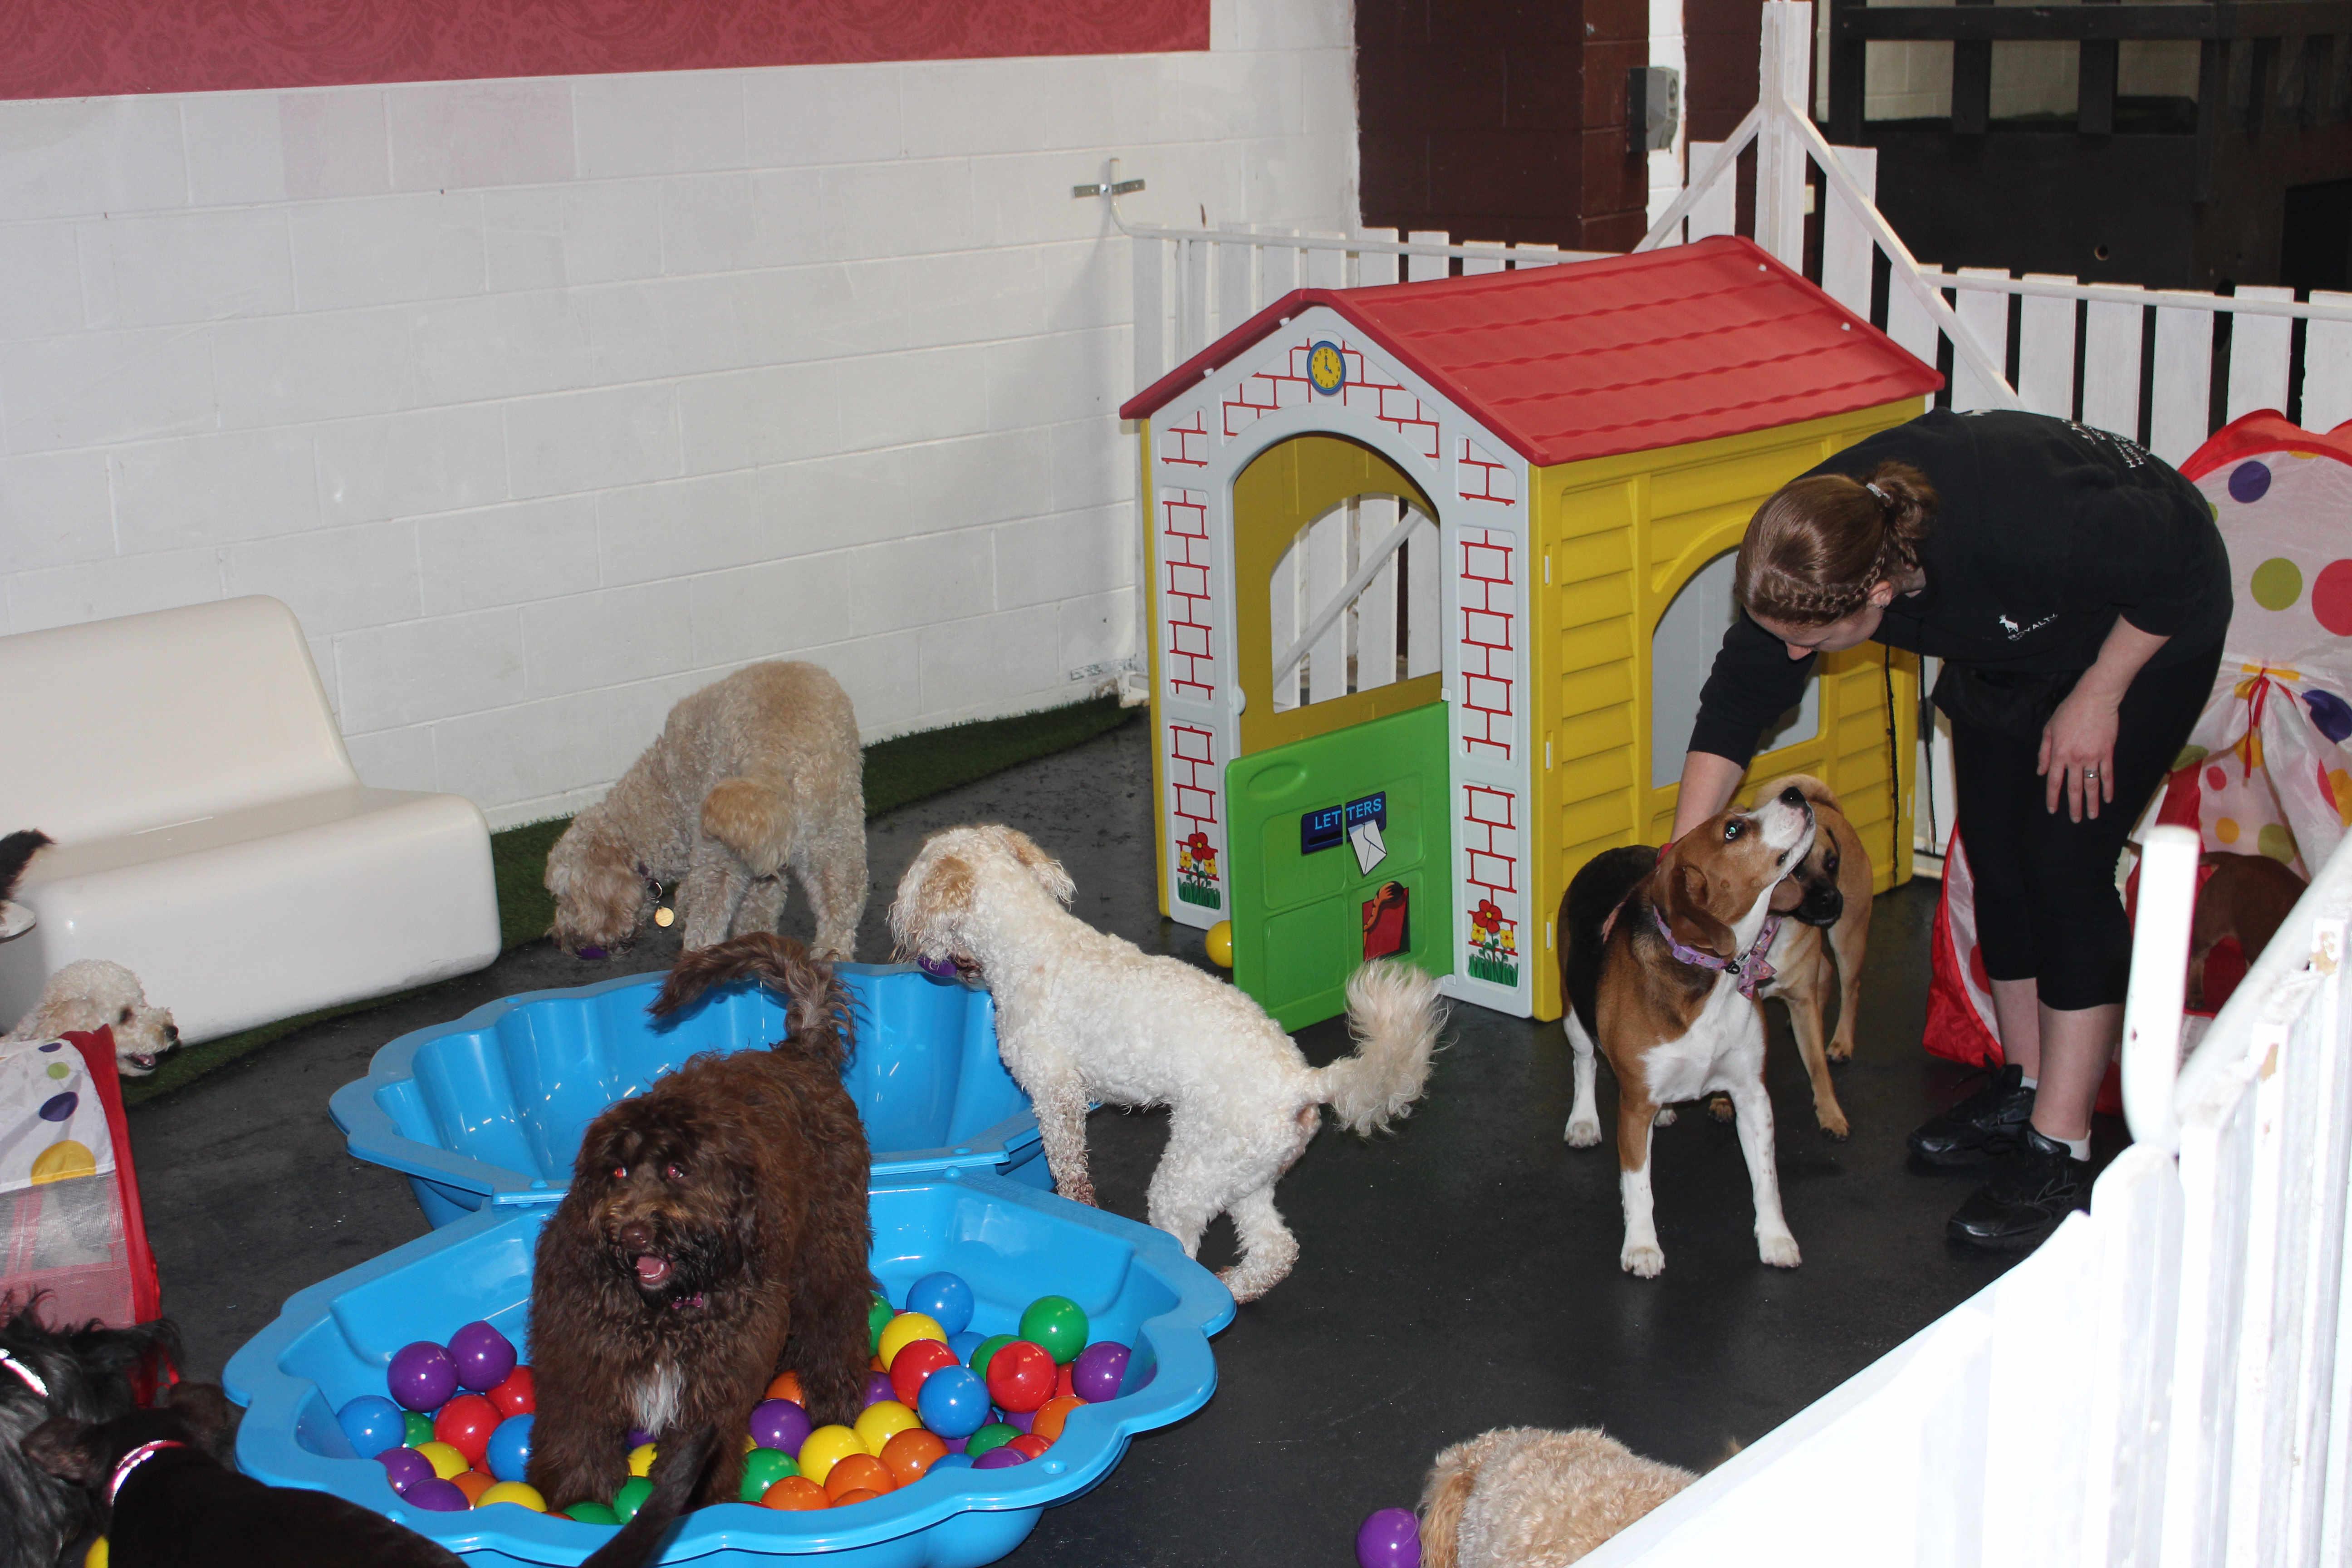 Puppy playtimes